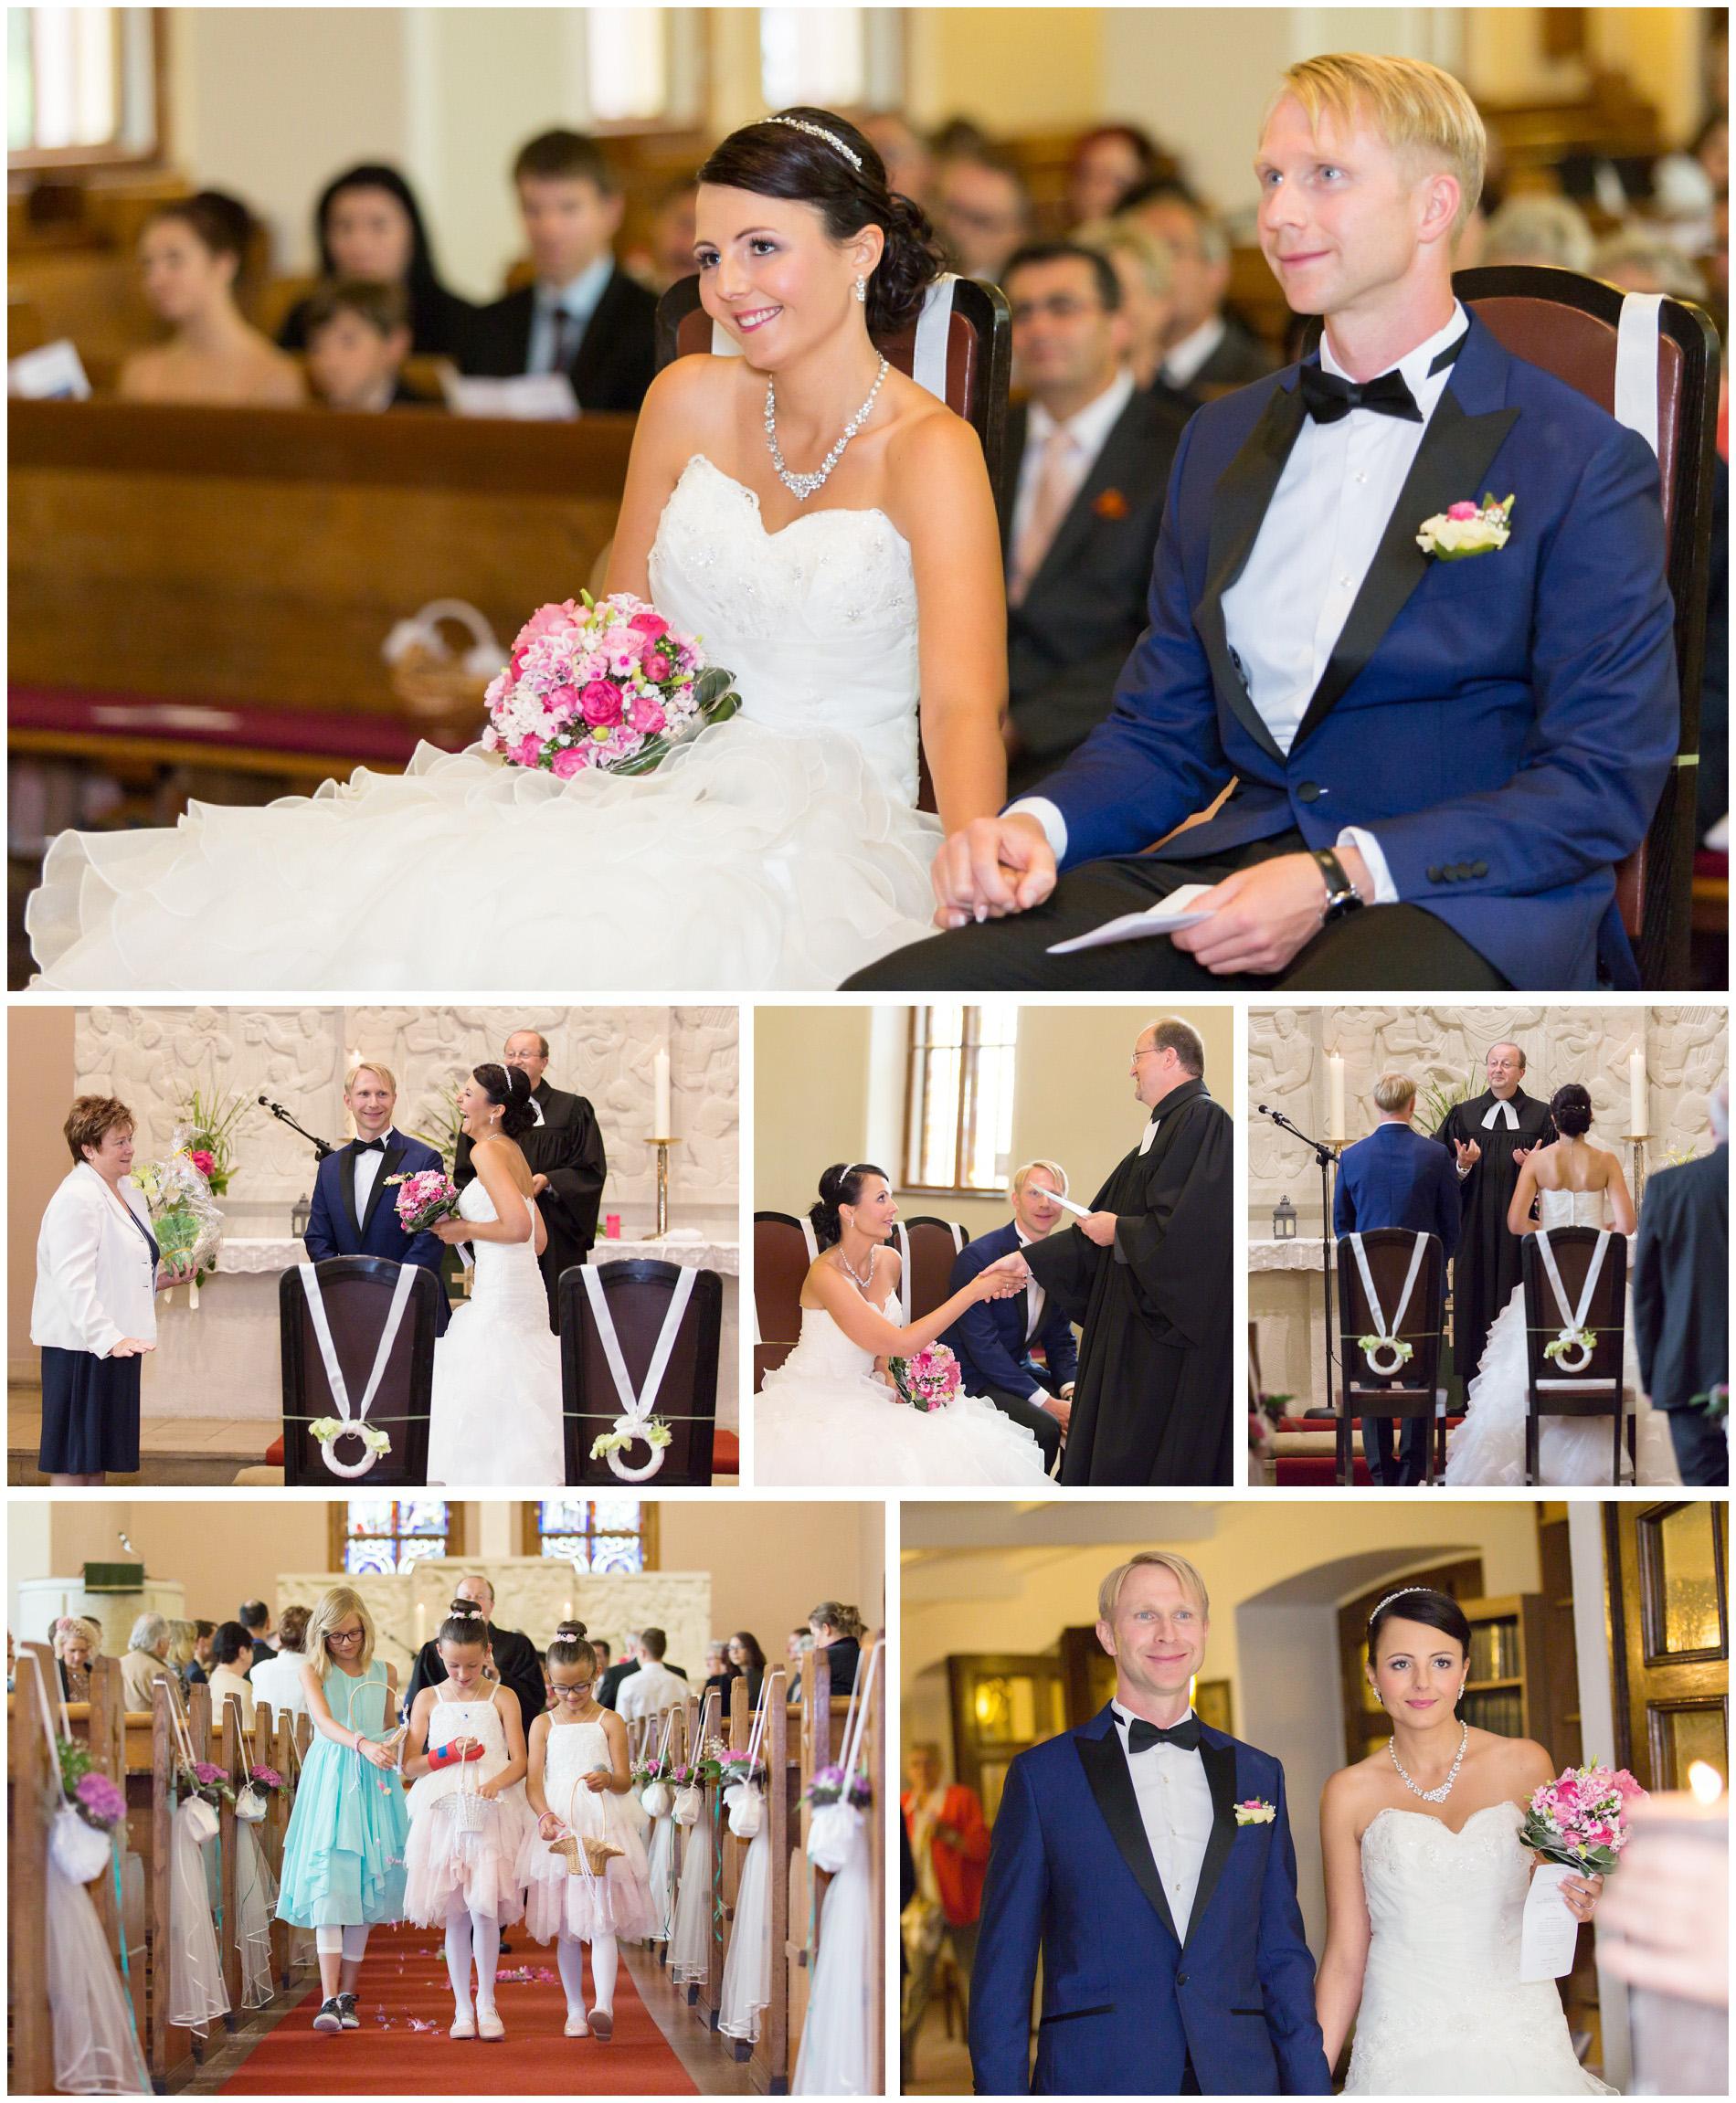 Hochzeit Landkreis Zwickau - Hochzeitsfotograf Stephanie Scharschmidt